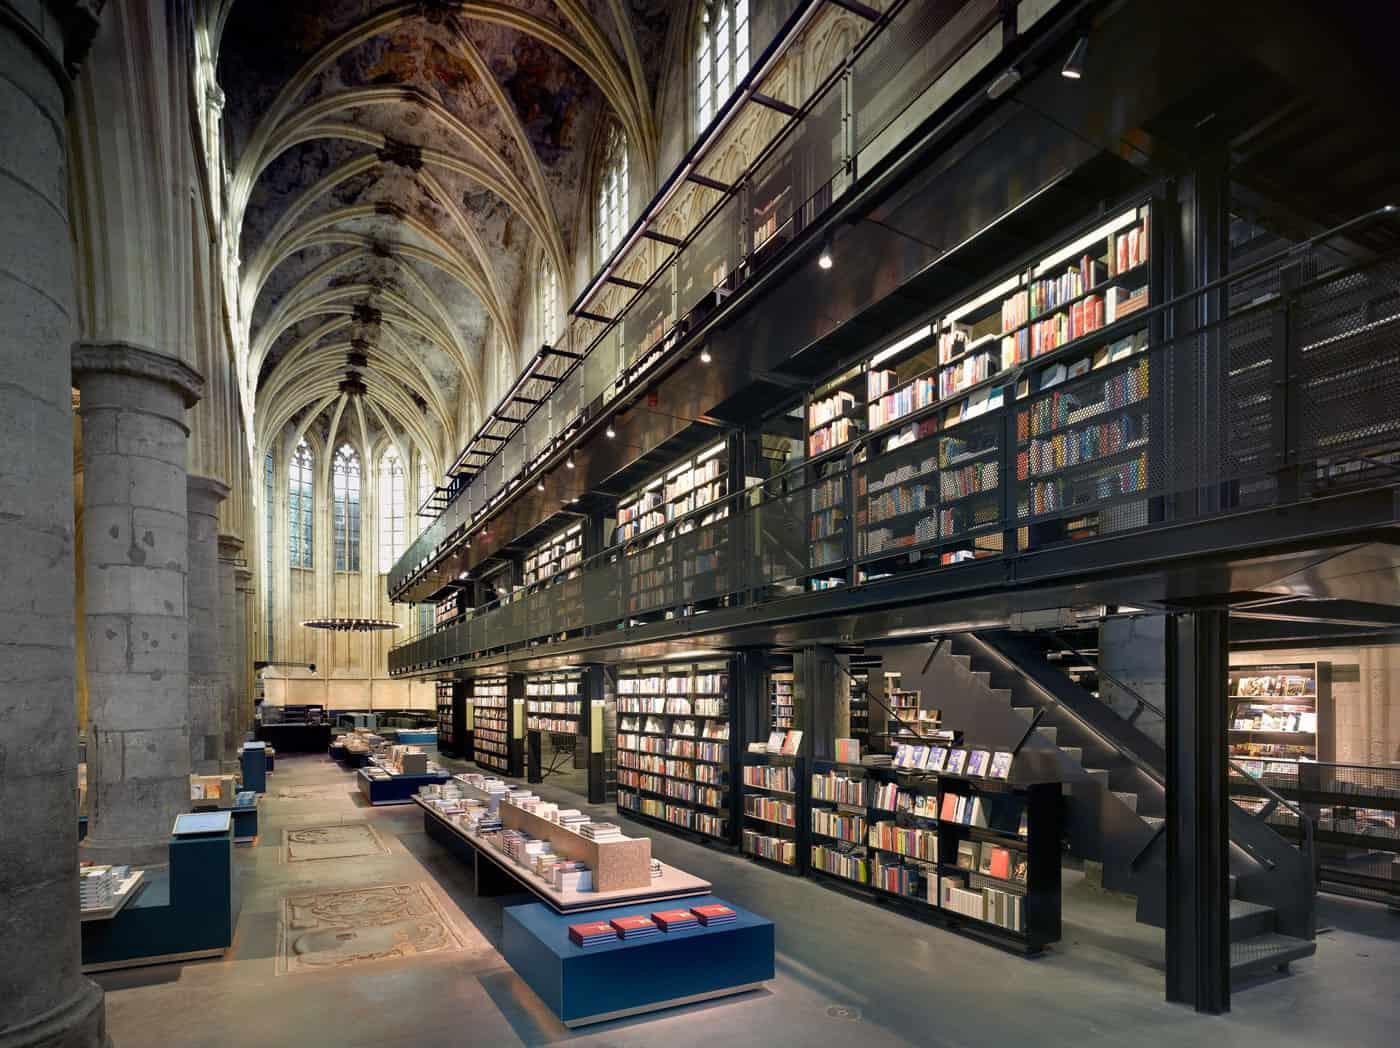 Selexyz Dominicanen Bookstore by Merkx+Girod Architecten